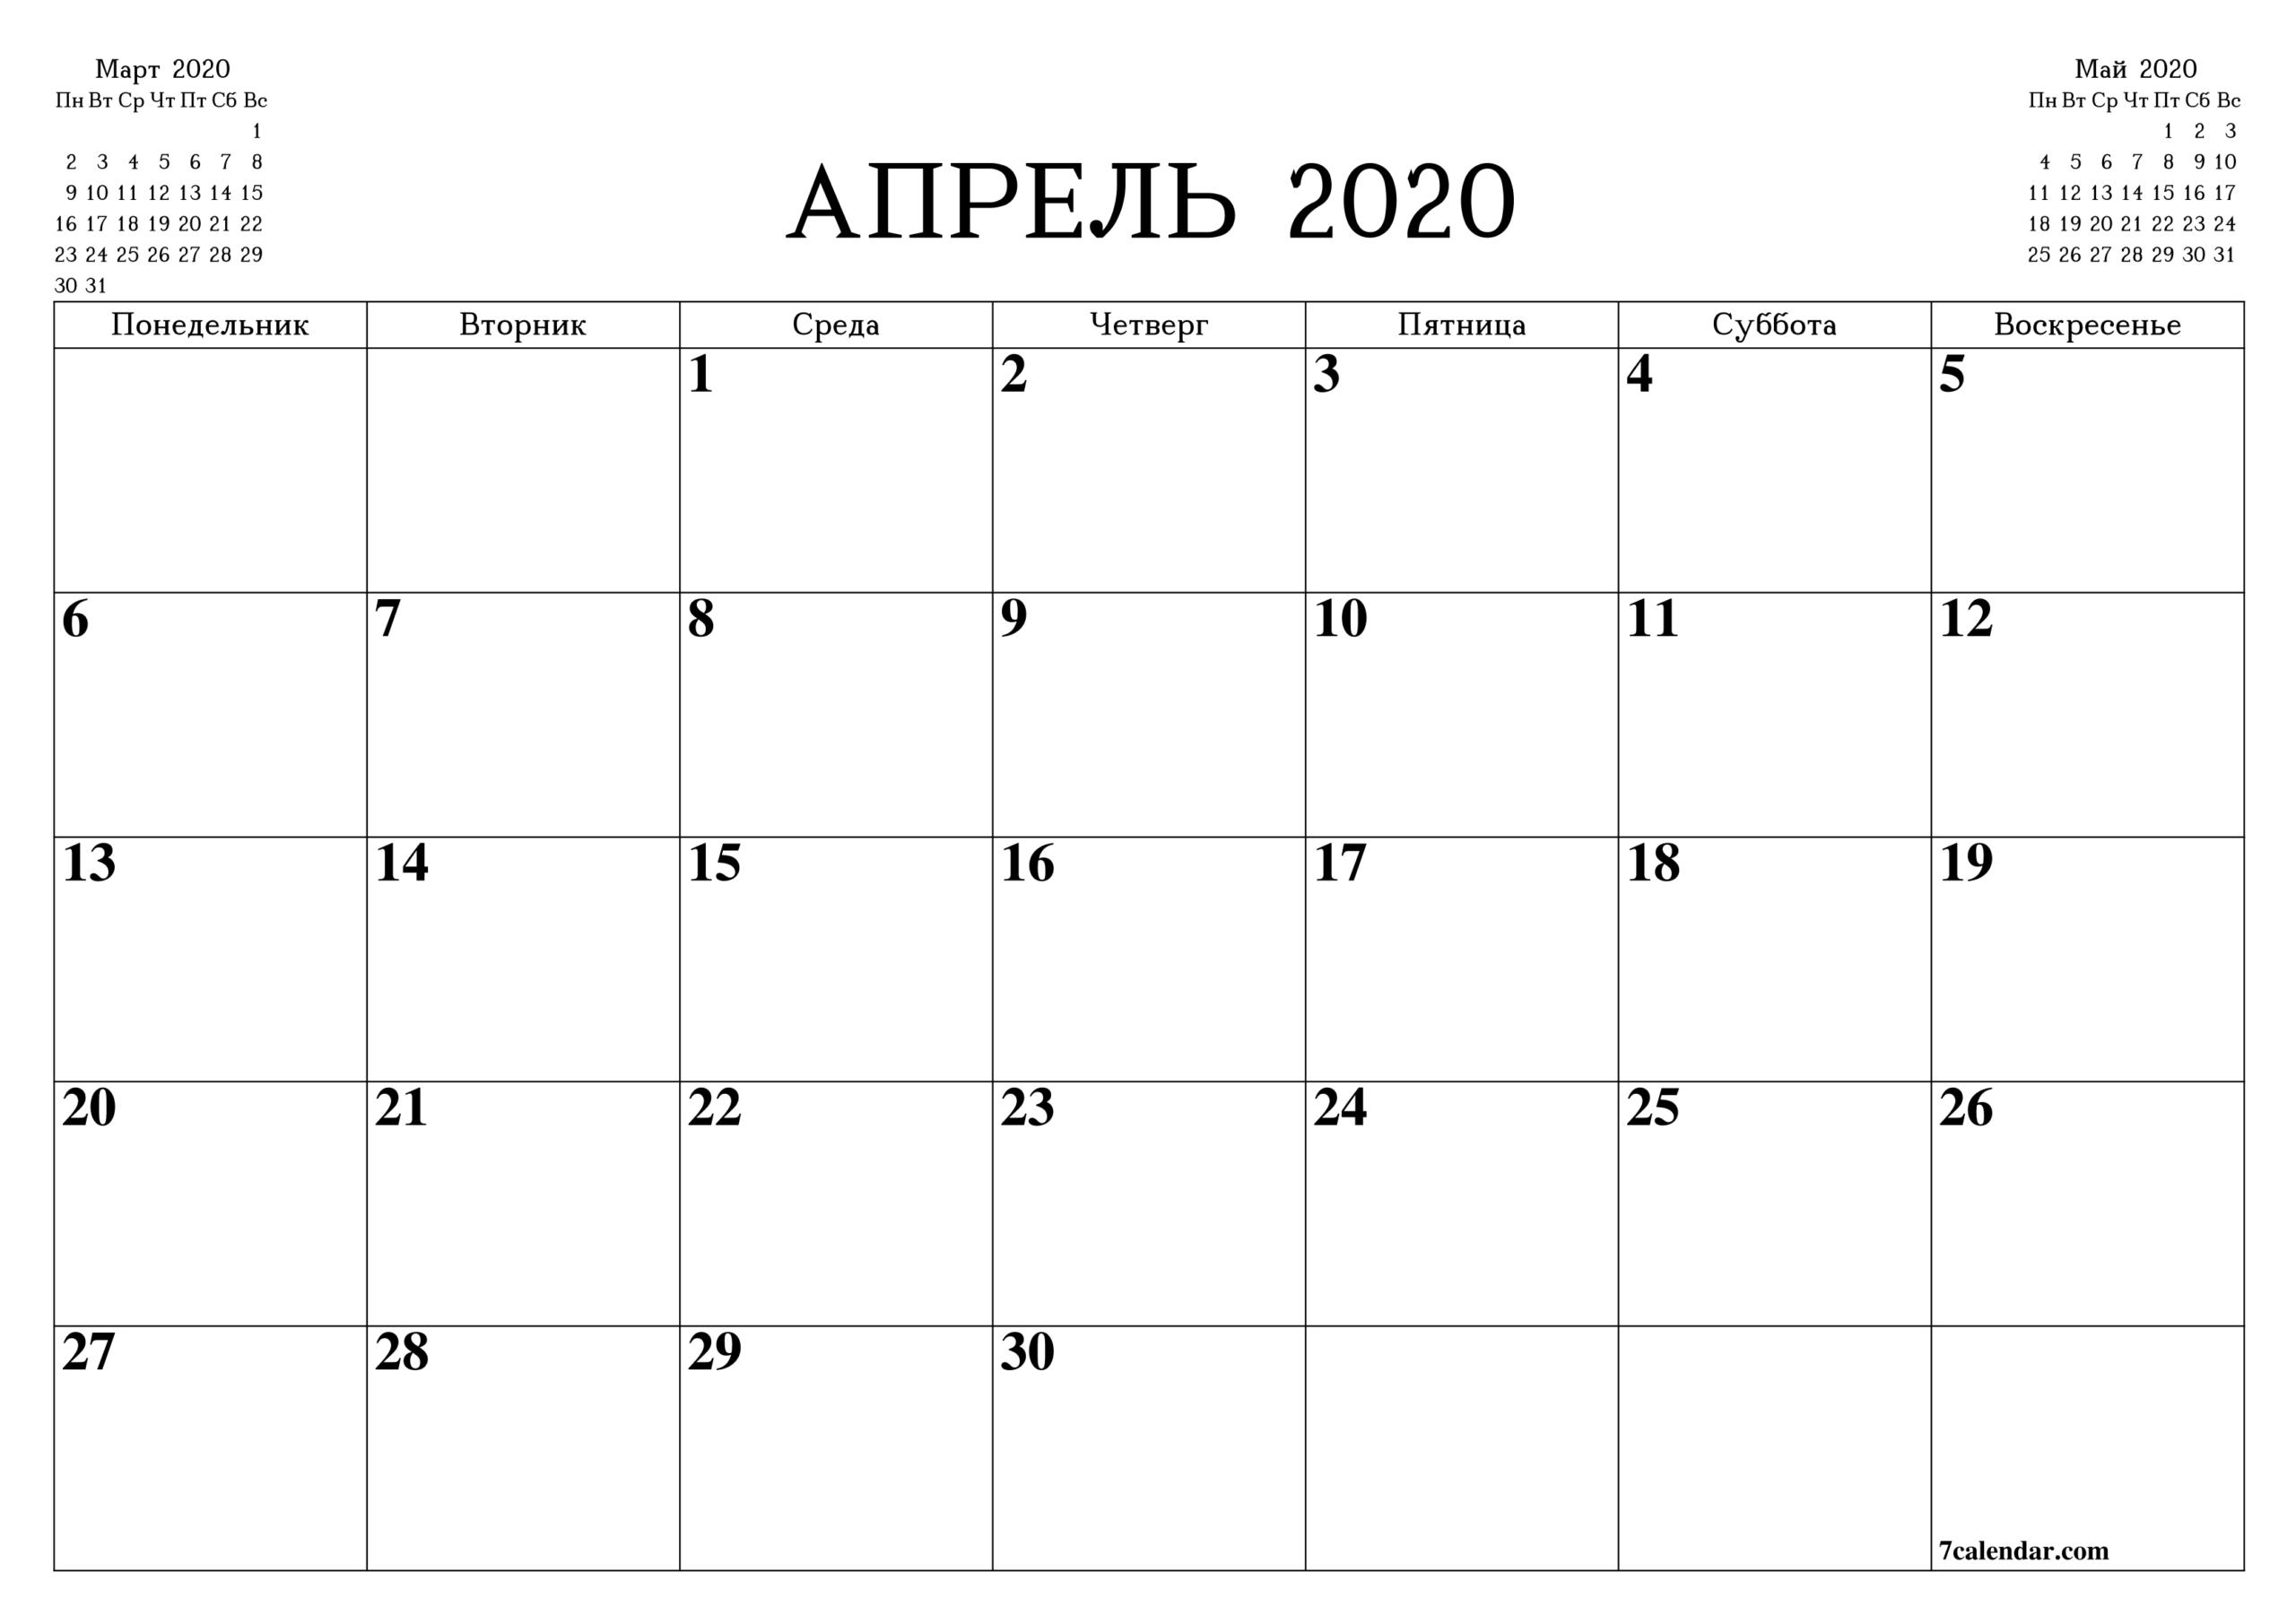 Календарь На Апрель 2020: Планер И Планинг Для Печати А4, А5